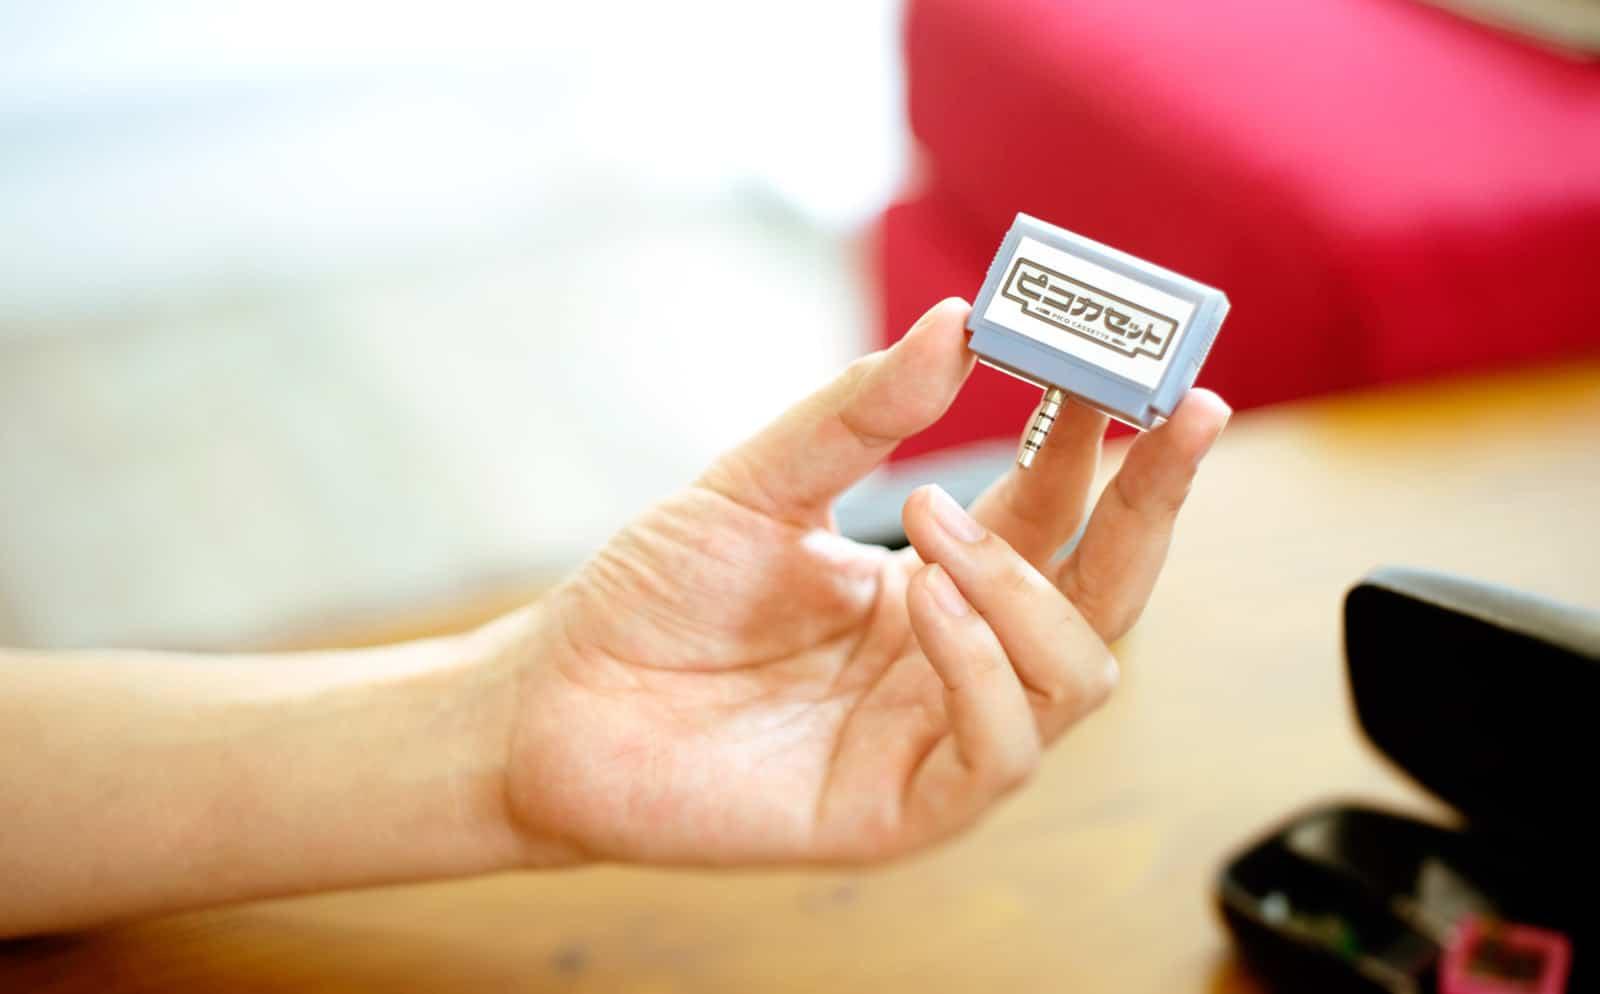 Ein kleines Modul mit einem Smartphone-Spiel drauf. (Foto: Pico Cassette)